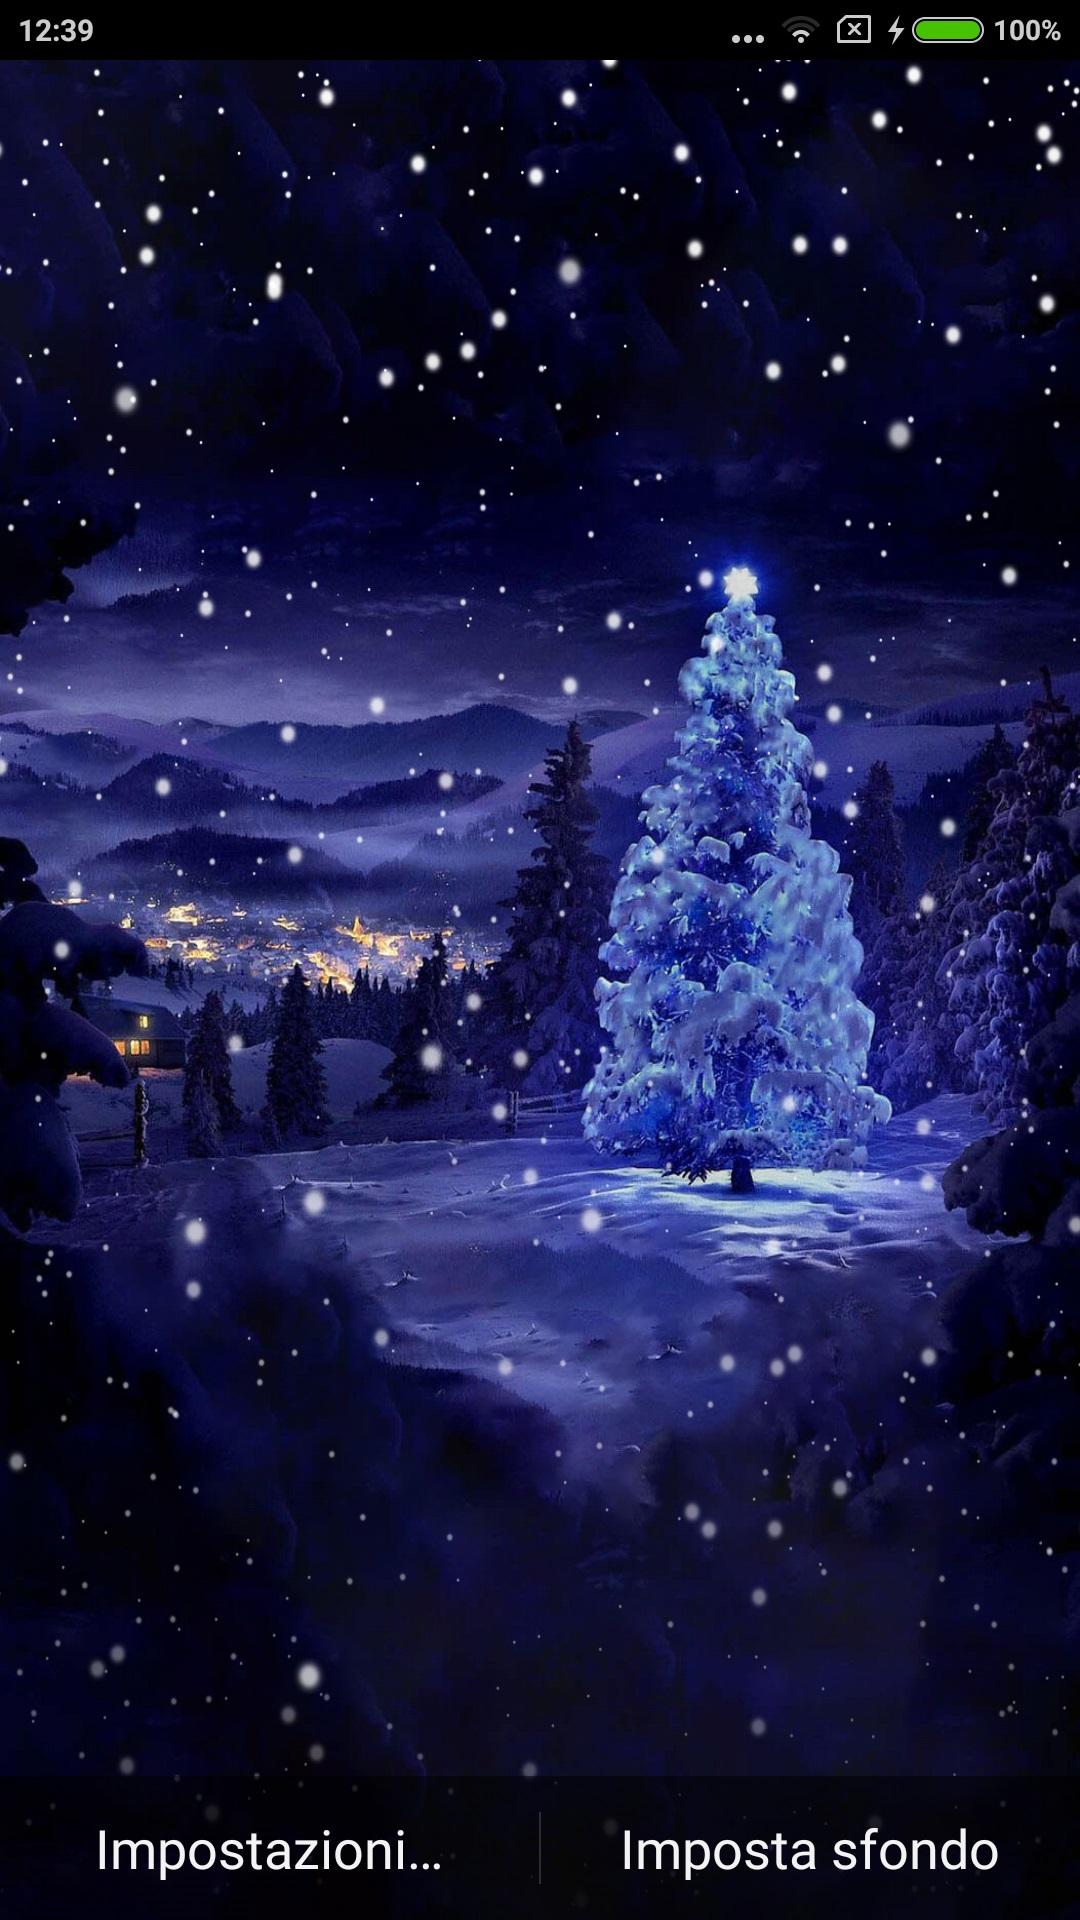 Sfondi Paesaggi Natalizi.Christmas Tree Offre Uno Sfondo Animato Personalizzabile Con L Albero Di Natale Innevato